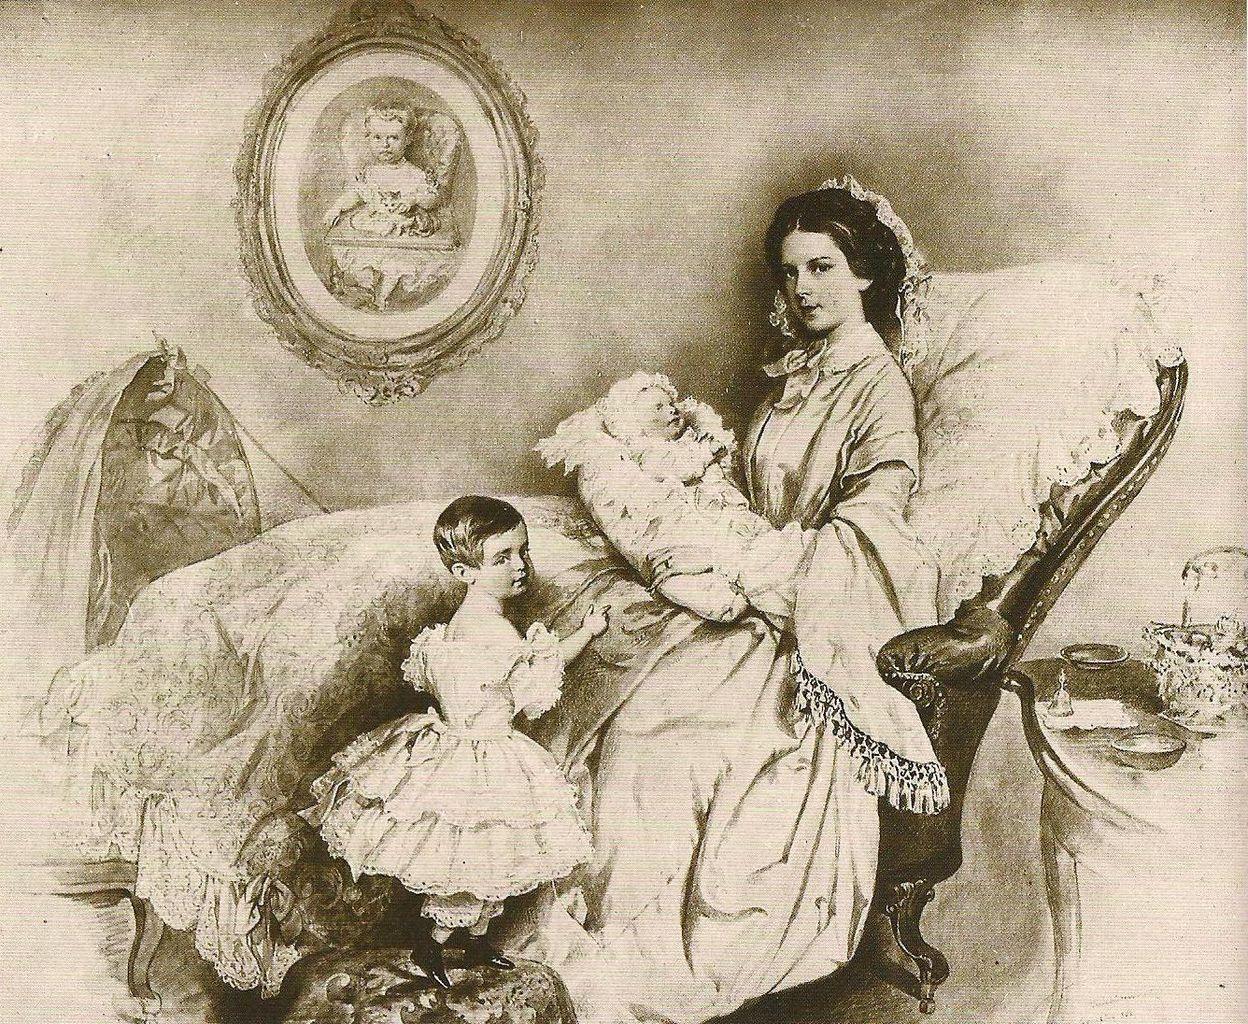 Η πριγκίπισσα Σίσσυ με την κόρη της Γκιζέλα και τον γιο της Ροδόλφο. Photo Credits: Georg Kugler/Wikimedia Commons